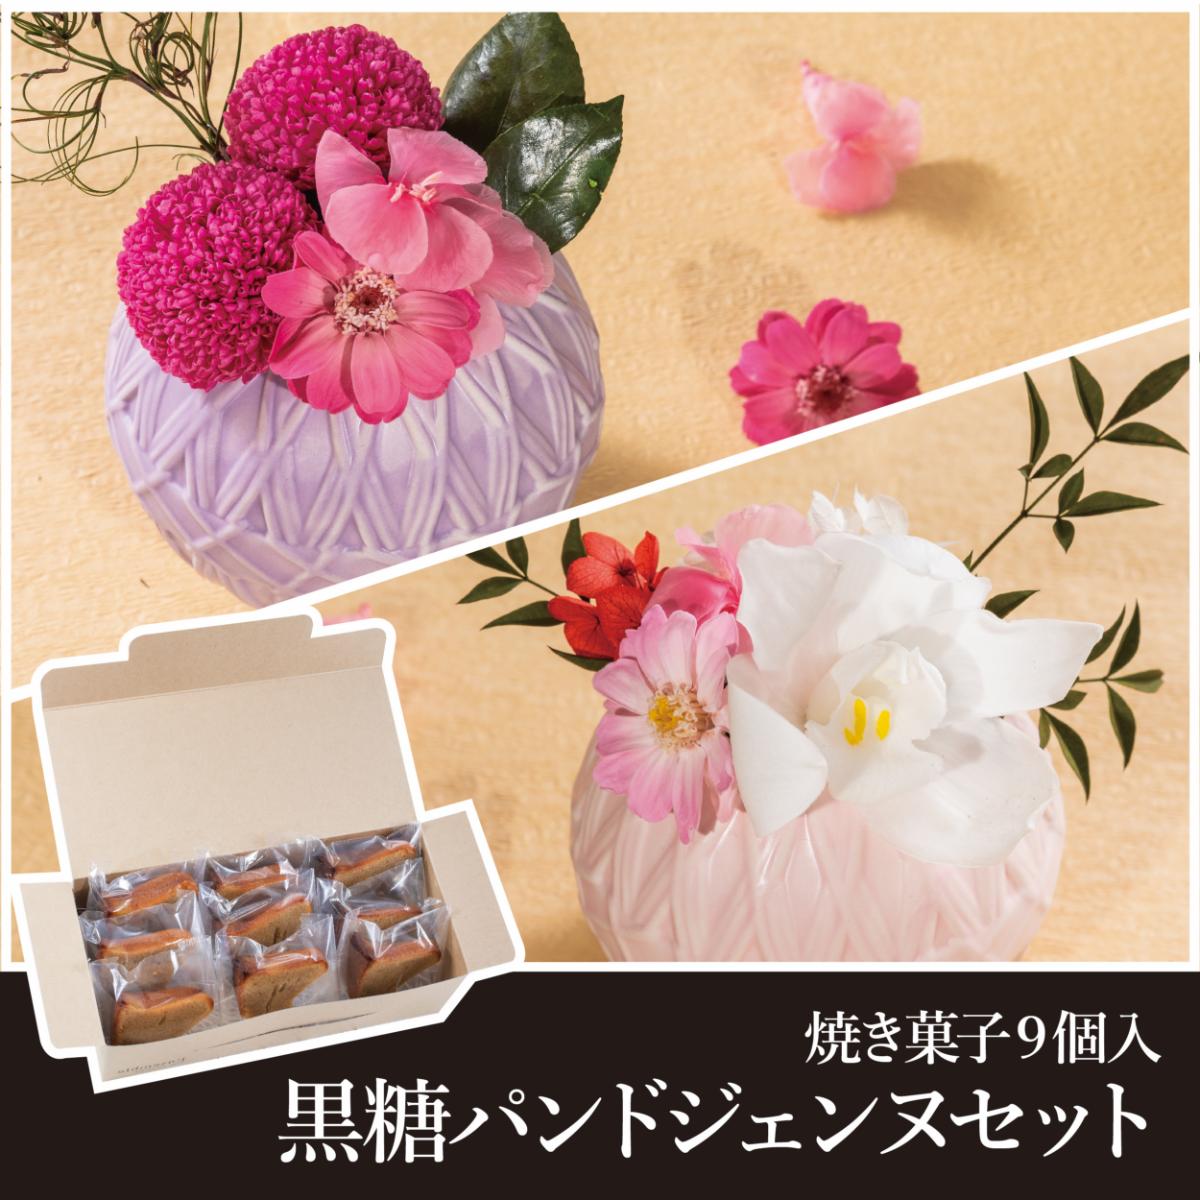 【敬老の日限定販売】プリてまり+黒糖パンドジェンヌプティ9個入